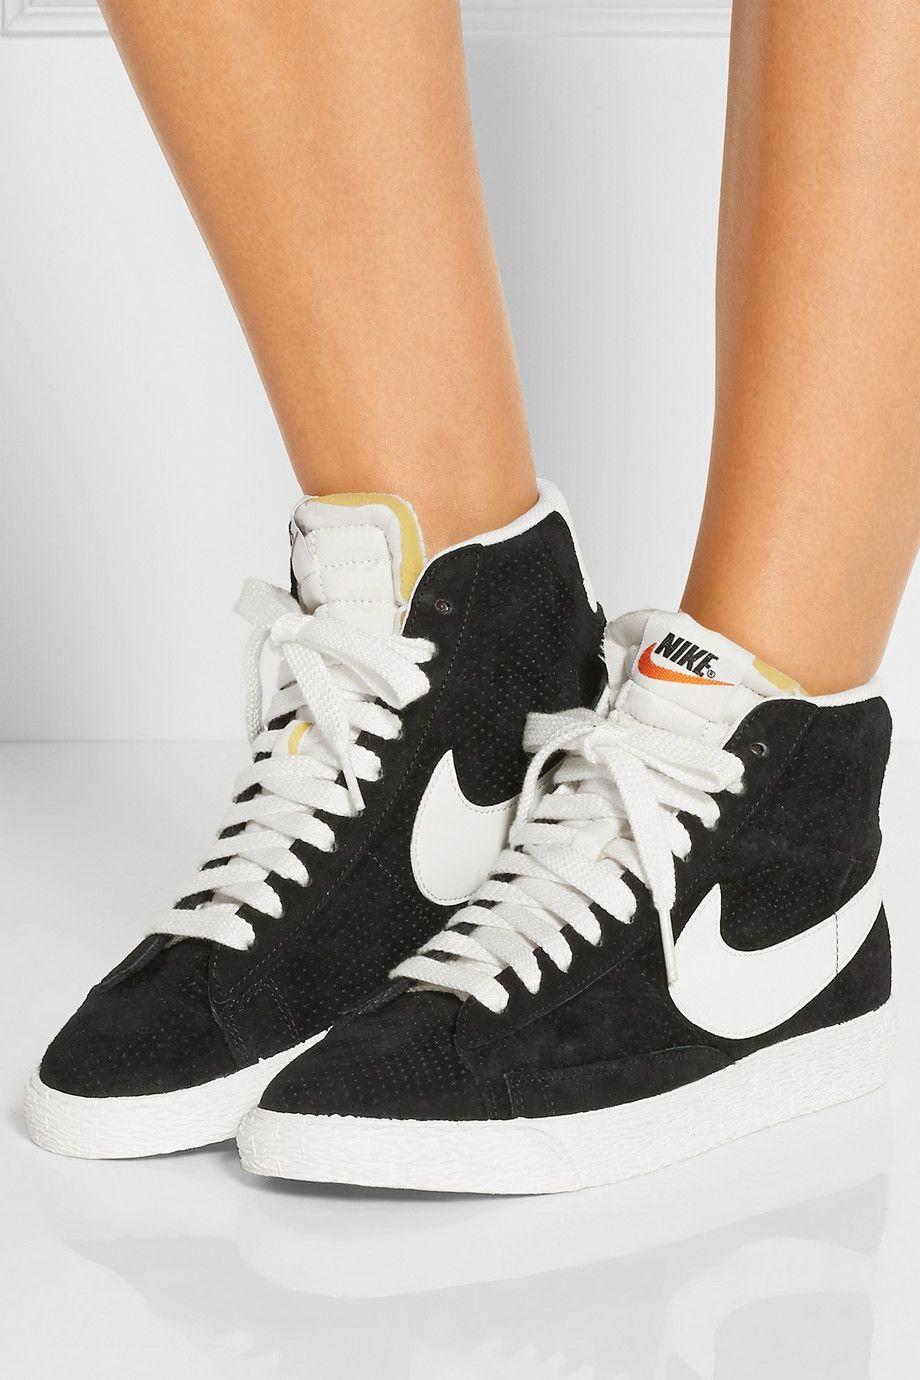 Nike Blazer Daim Perforé Sneakers Nike grande vente prix incroyable sortie l'offre de réduction Mpq8l5UZPD